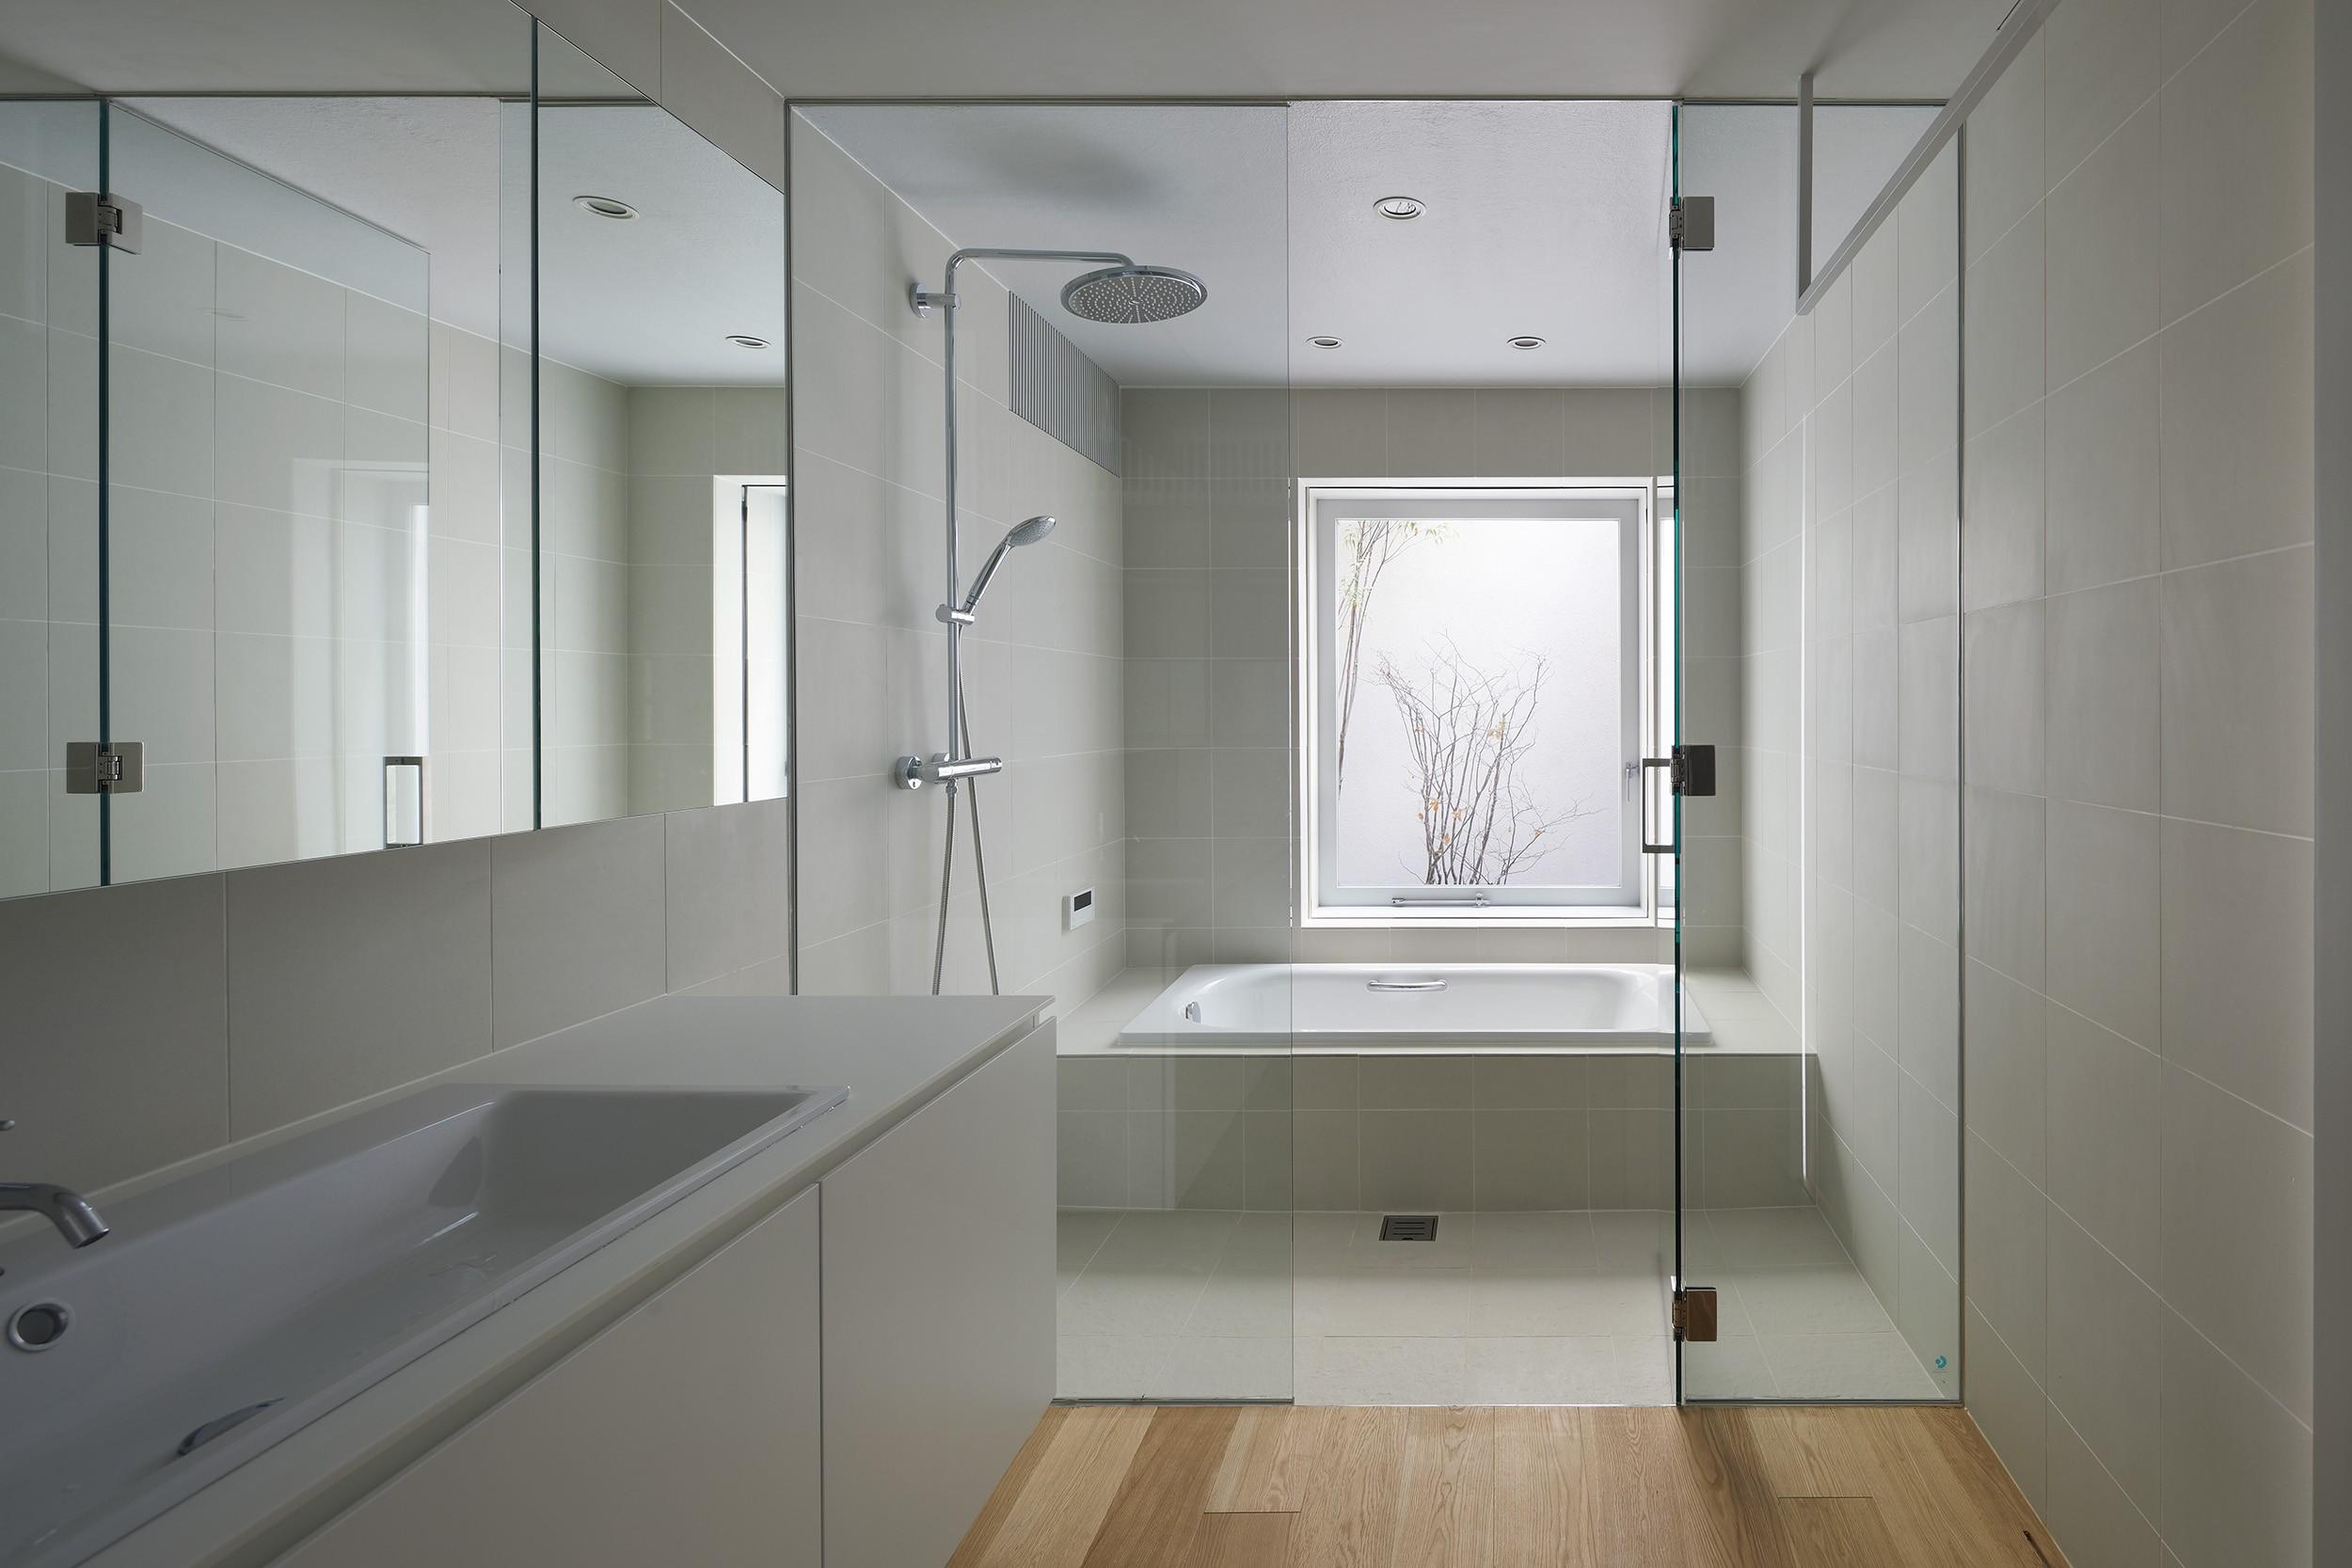 バス/トイレ事例:バスルーム(高尾の家  / 2つのテラスと大きなガラスドアで緩やかに自然を取り込む家)